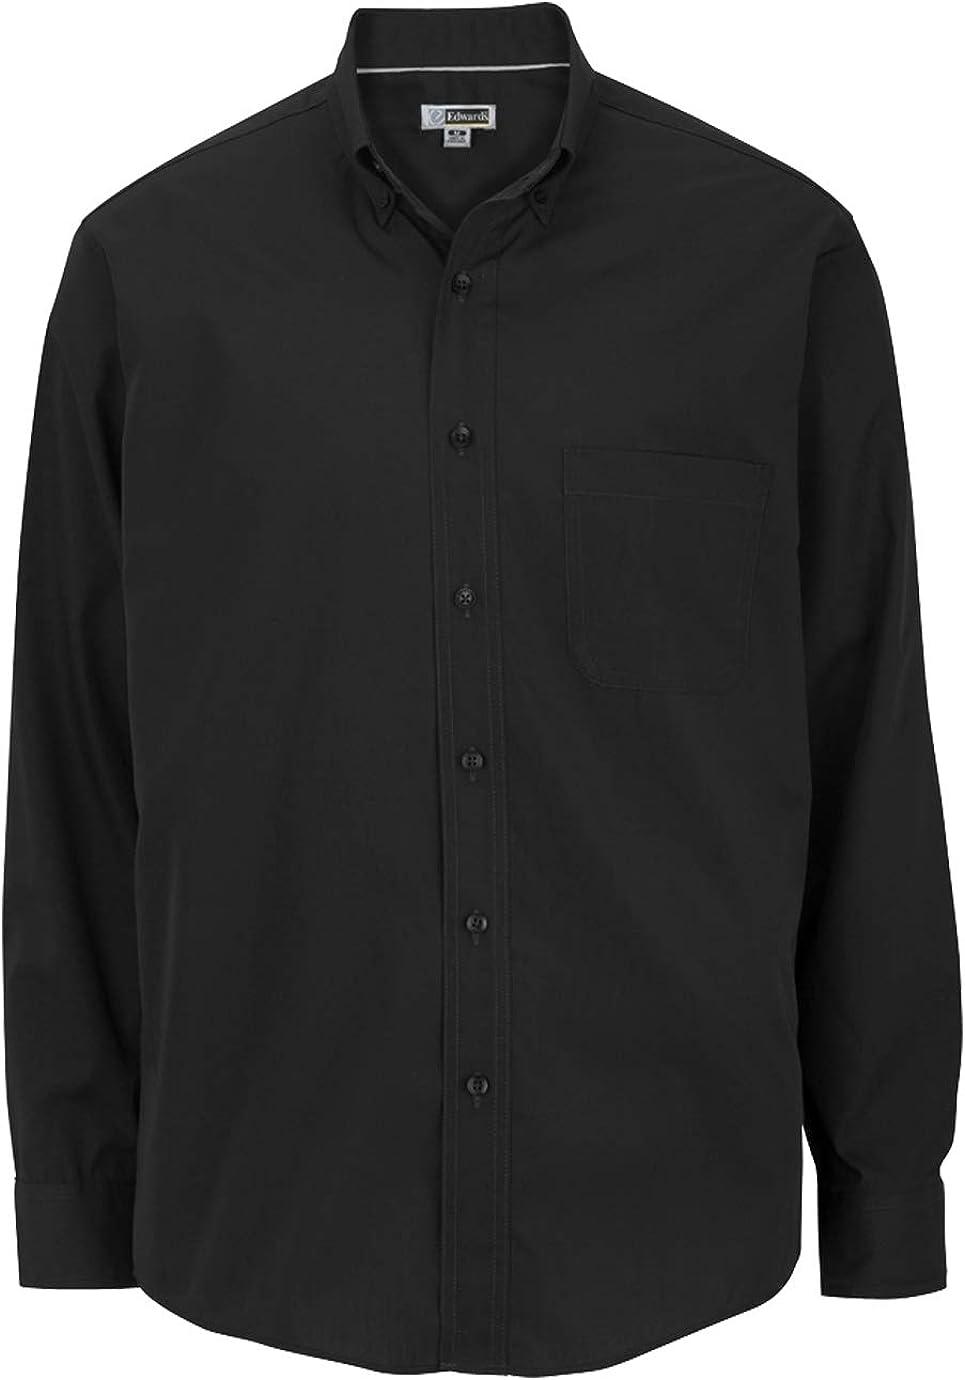 Edwards Men's Lightweight Some reservation Long Poplin Sleeve Direct sale of manufacturer Shirt